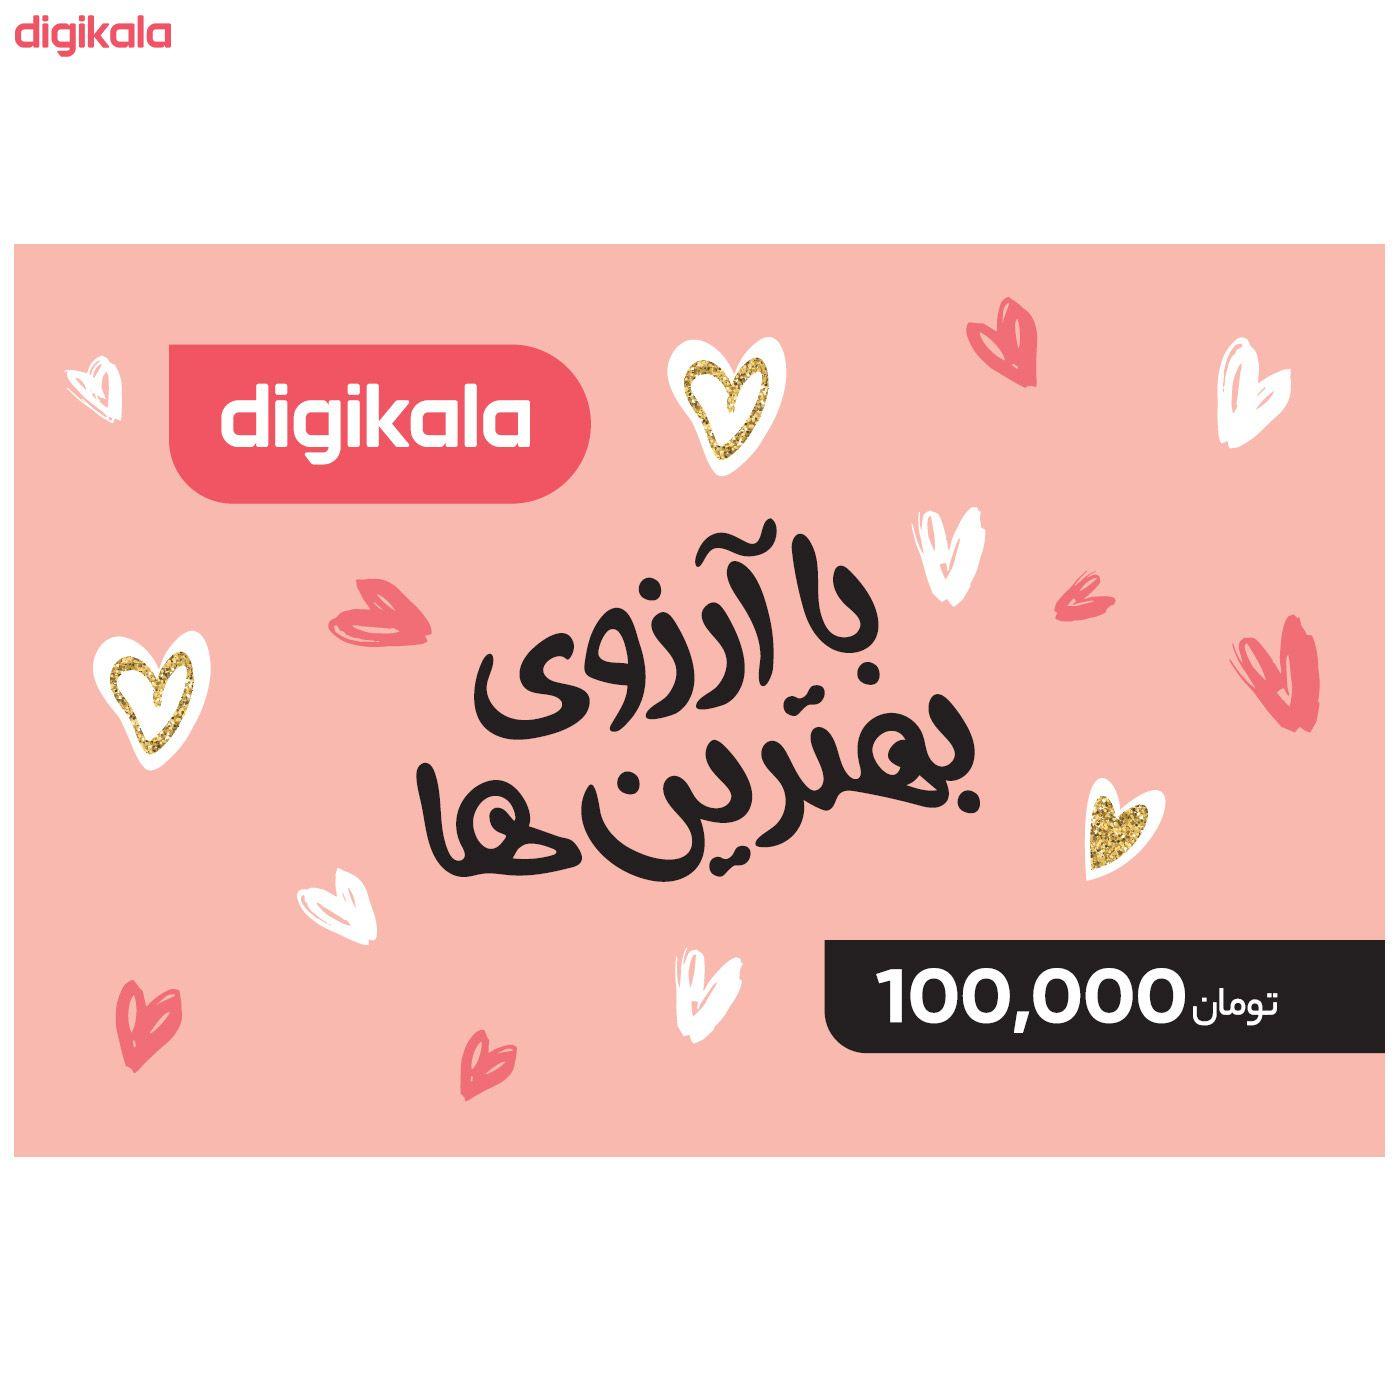 کارت هدیه دیجی کالا به ارزش 100.000 تومان طرح آرزو main 1 1